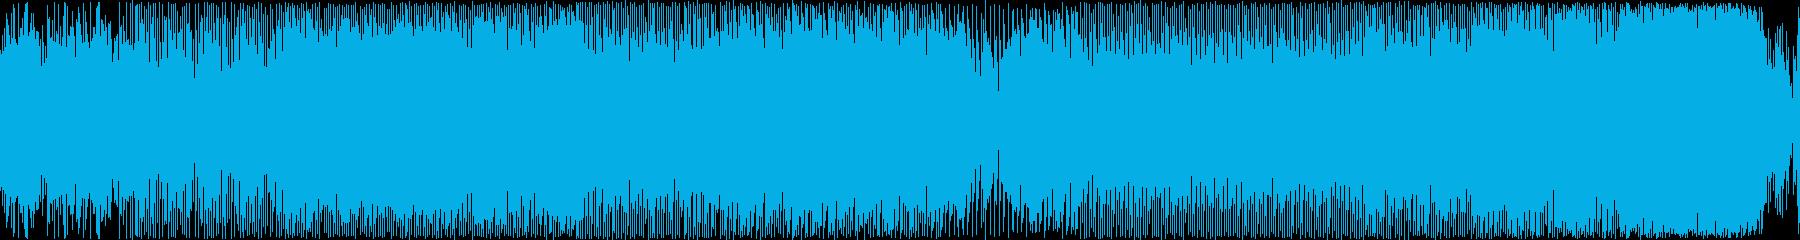 【ループ仕様】神秘的なEDM風BGMの再生済みの波形